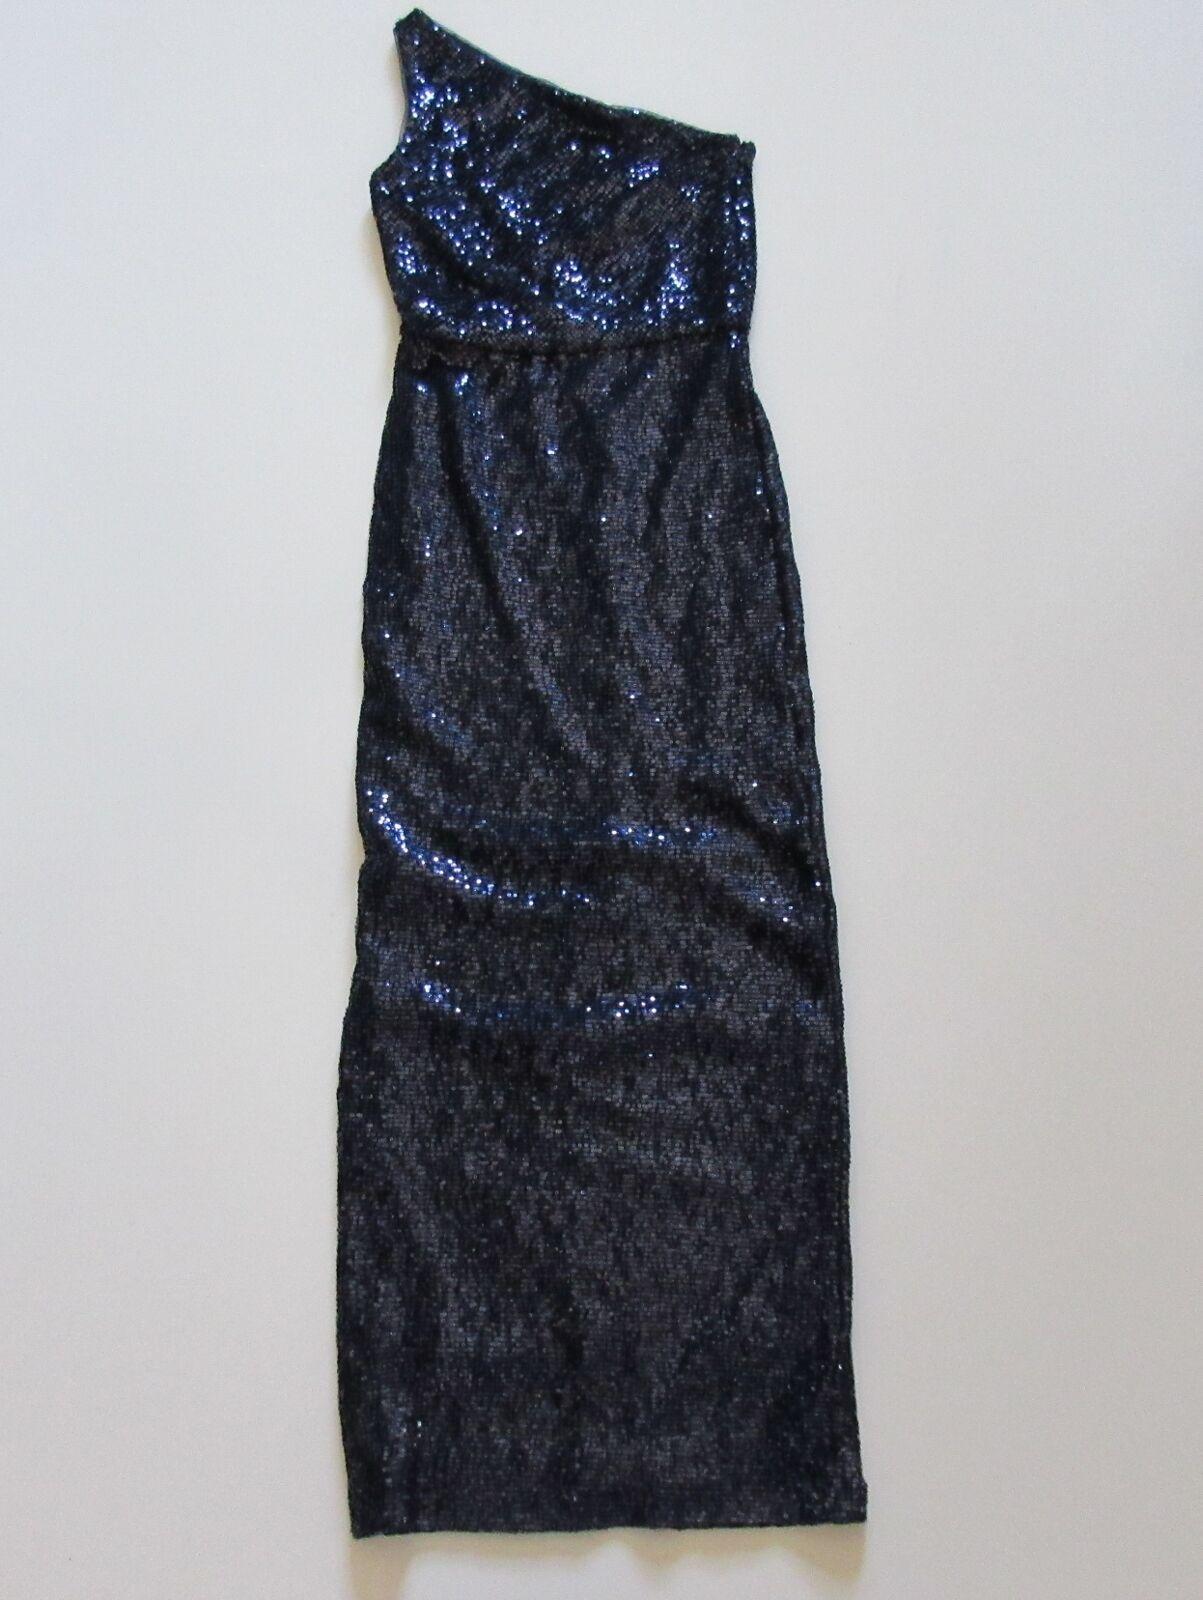 NWT Lauren Ralph Lauren Lighthouse Navy Shine Sequin One Shoulder Gown Dress 2